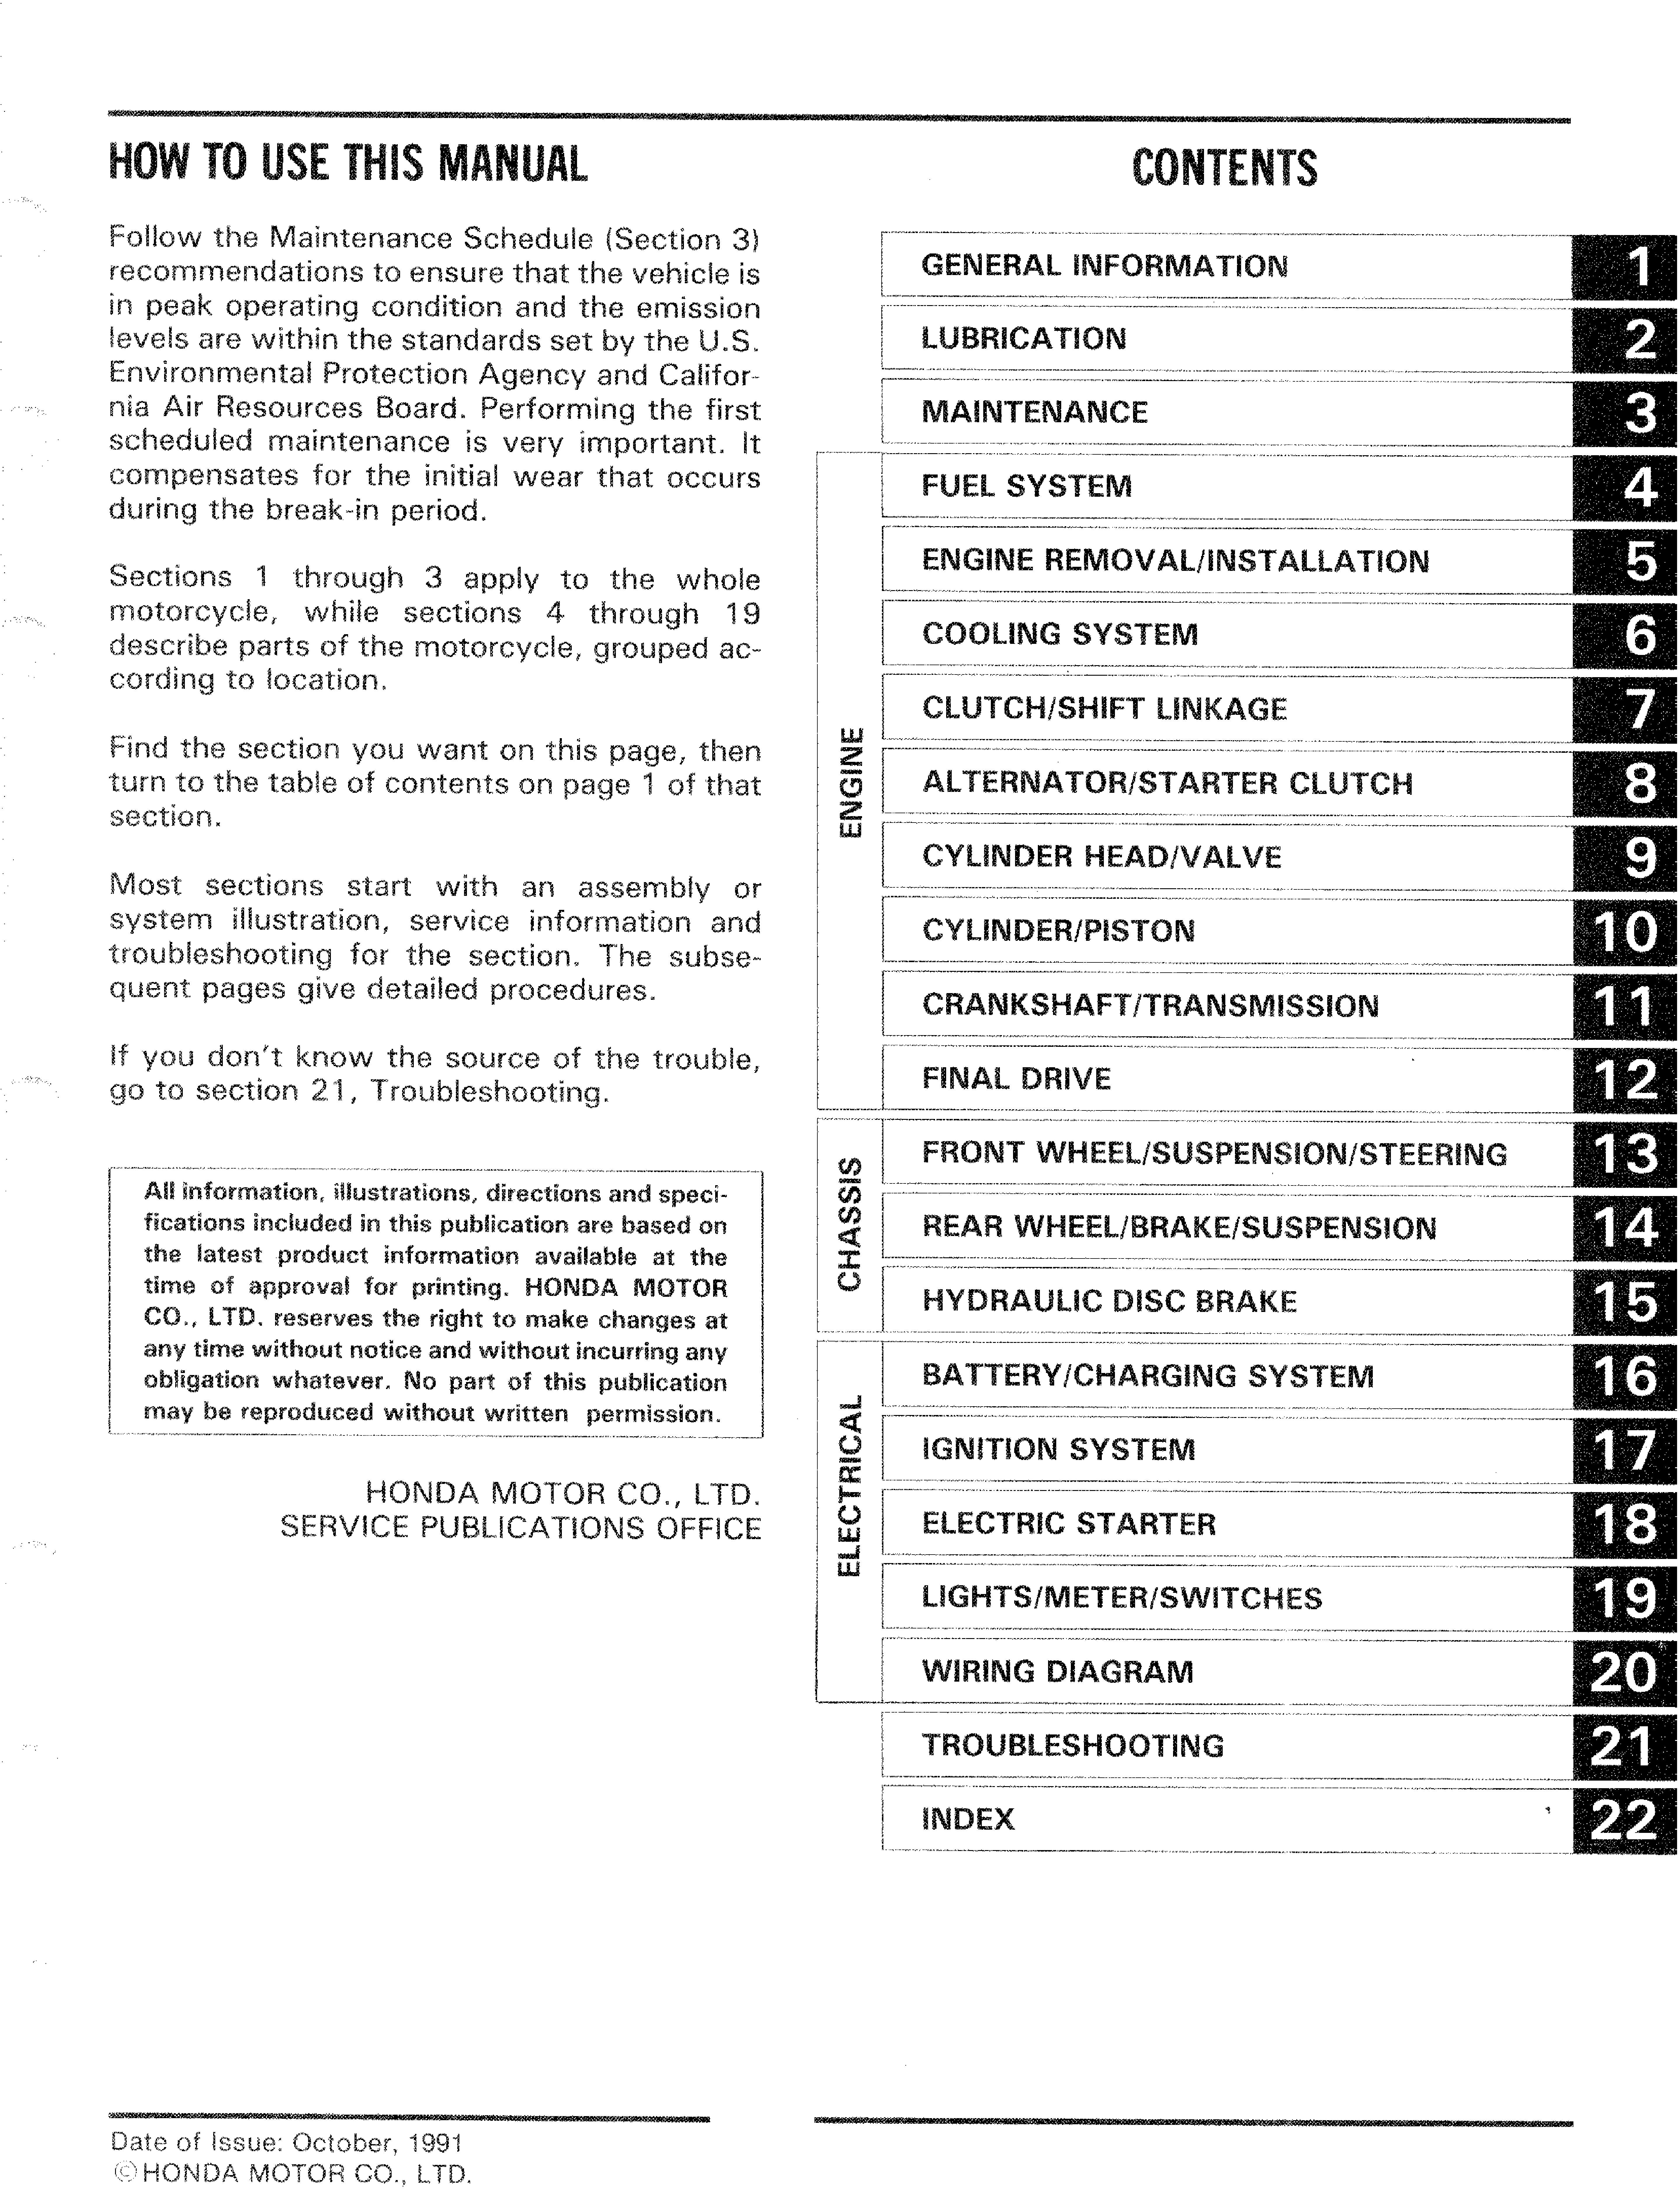 Workshop Manual for Honda VT1100C2 (1998)